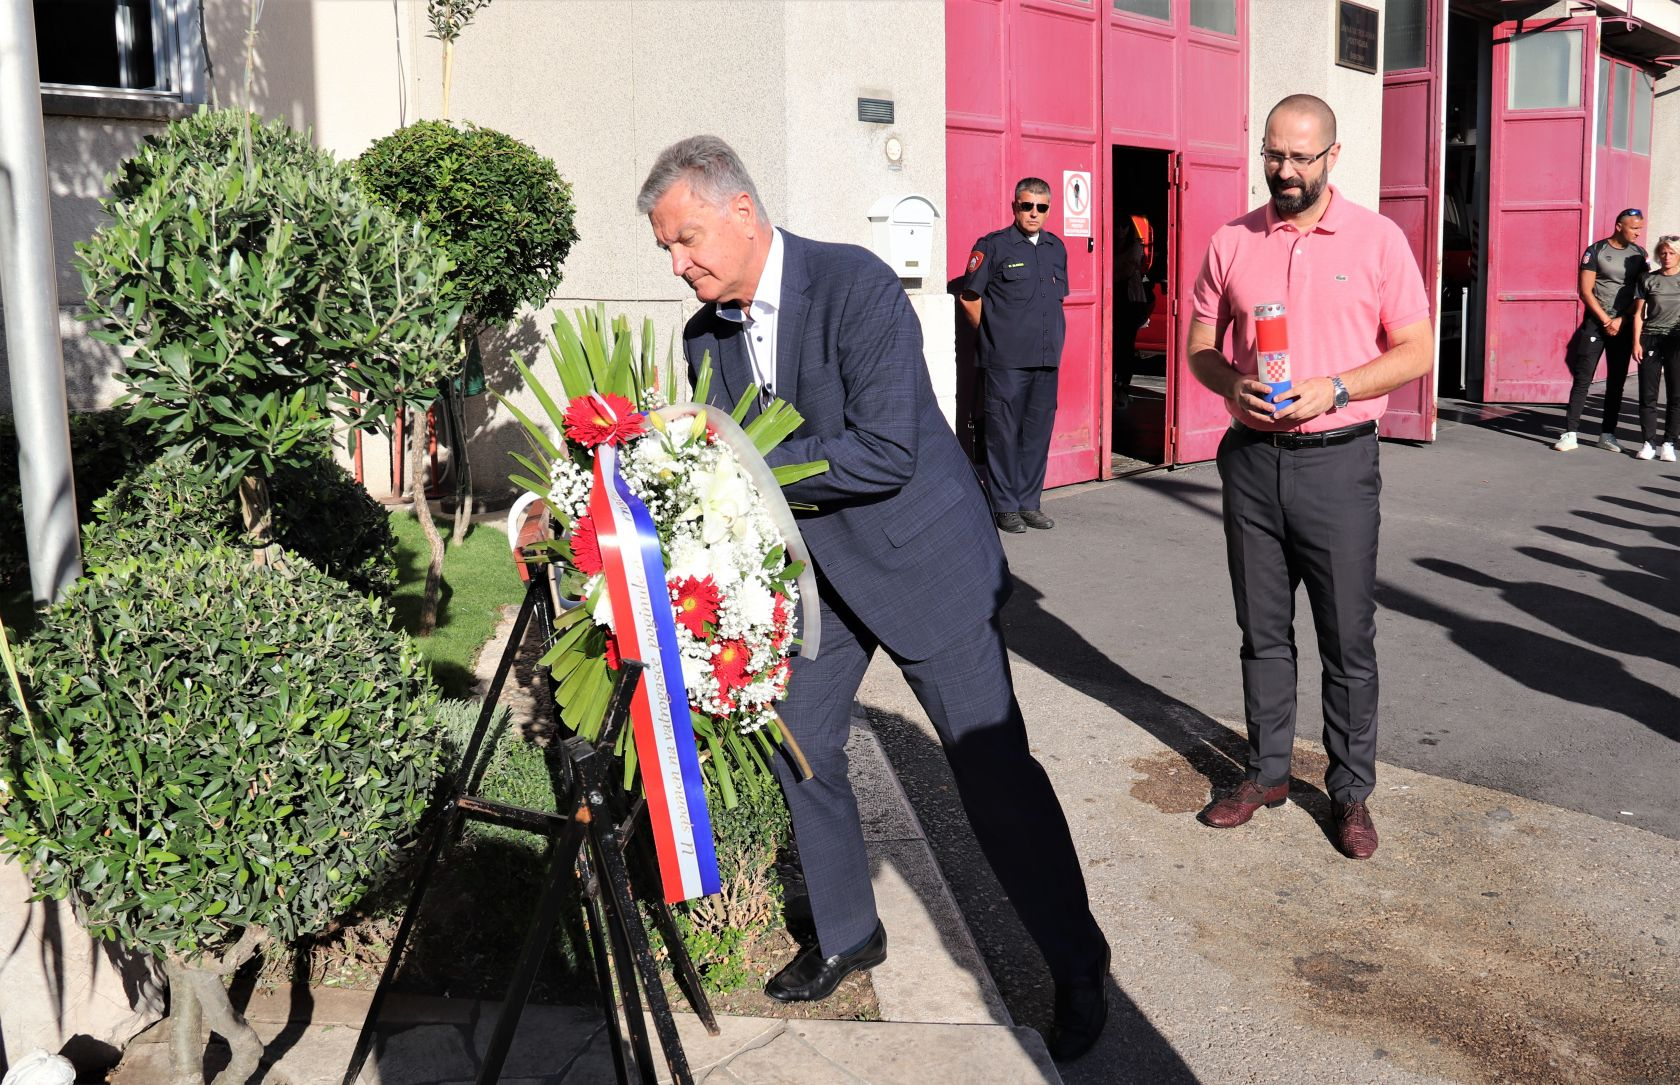 Obilježava se 14. godišnjica tragičnog stradanja vatrogasaca na Kornatu